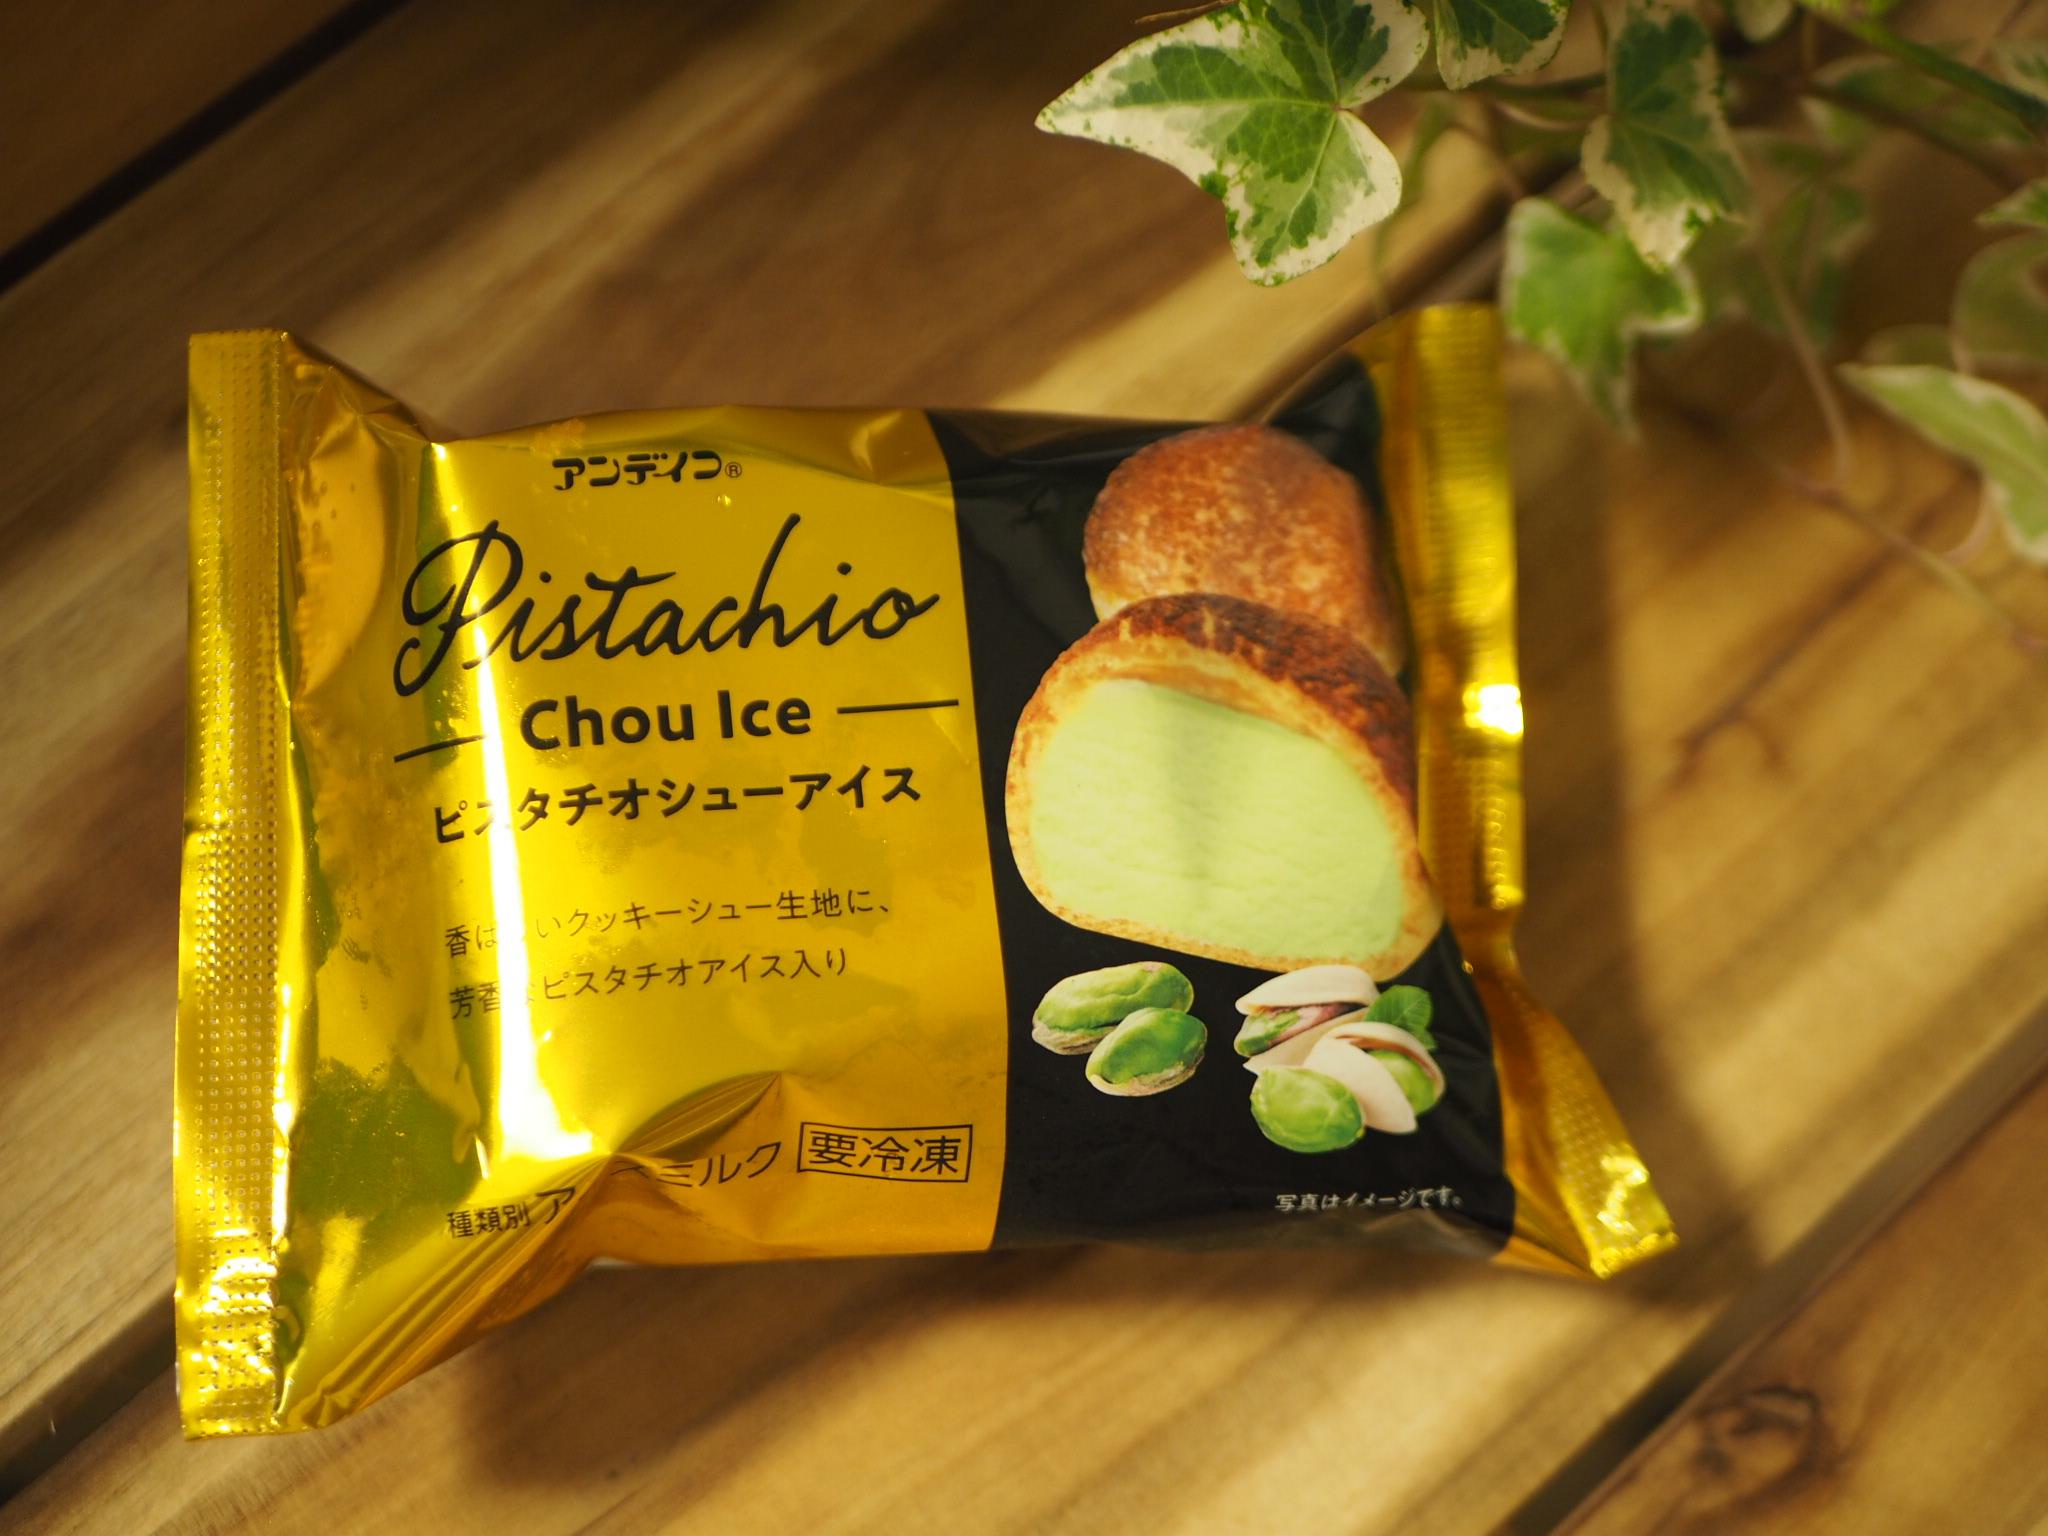 【ローソン新作】人気急上昇中の《ピスタチオアイス》が続々登場!♡_2